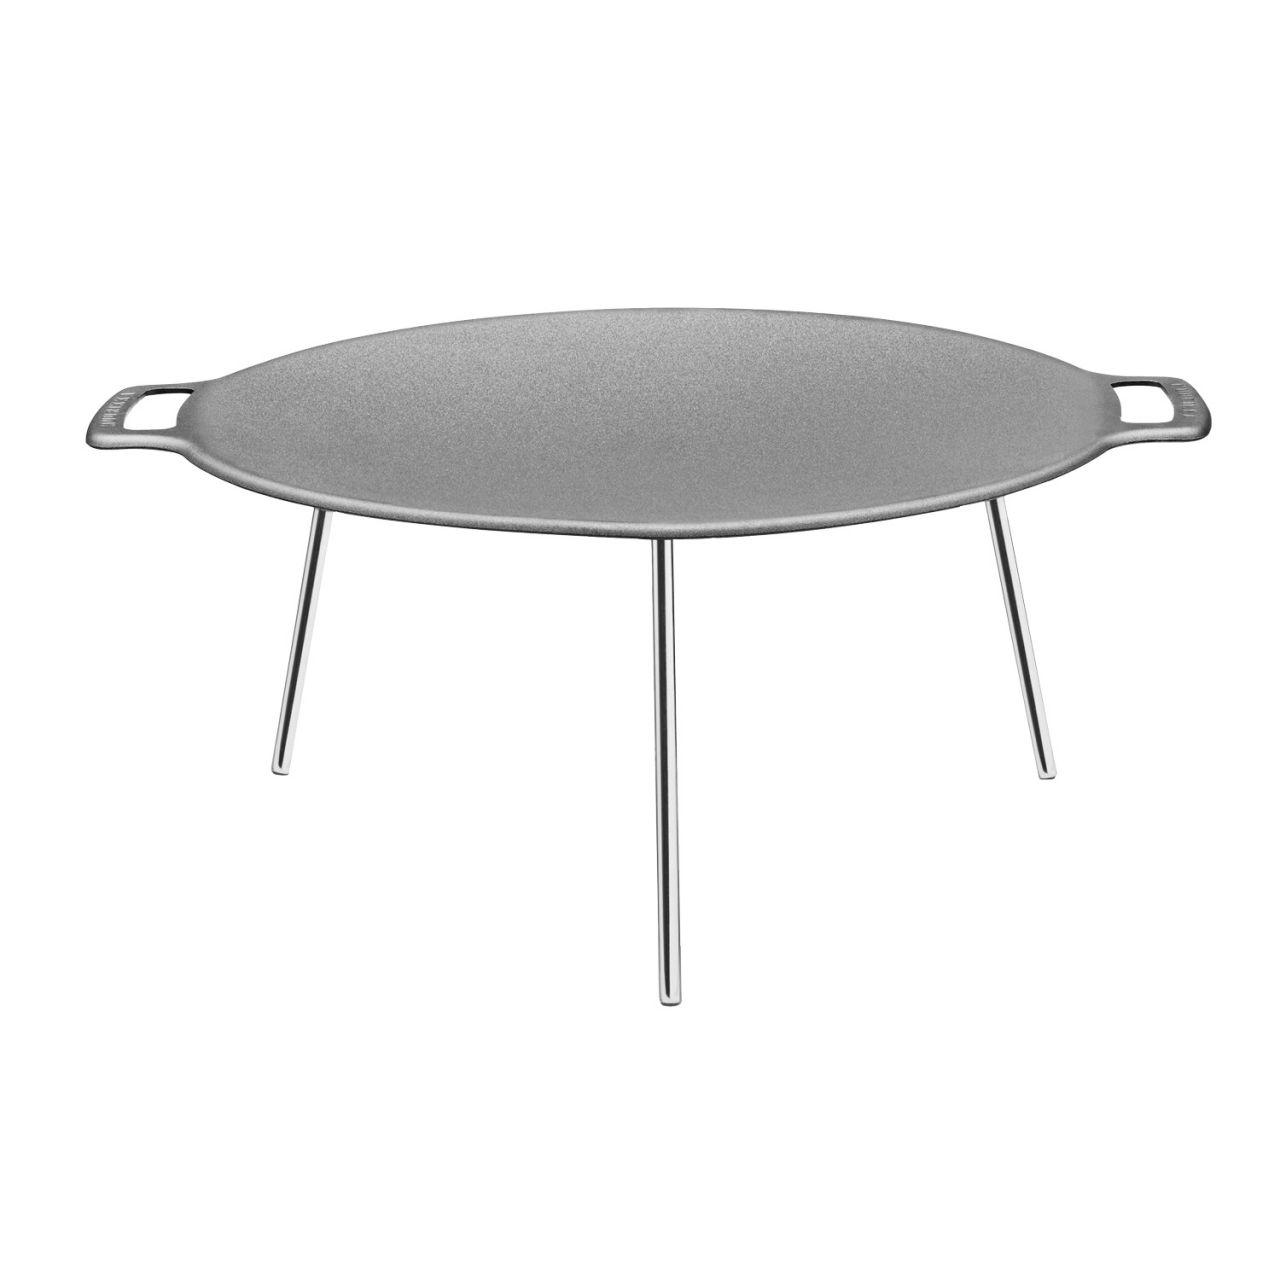 Muurikka Grillpfanne mit Beinen 58 cm 54010050